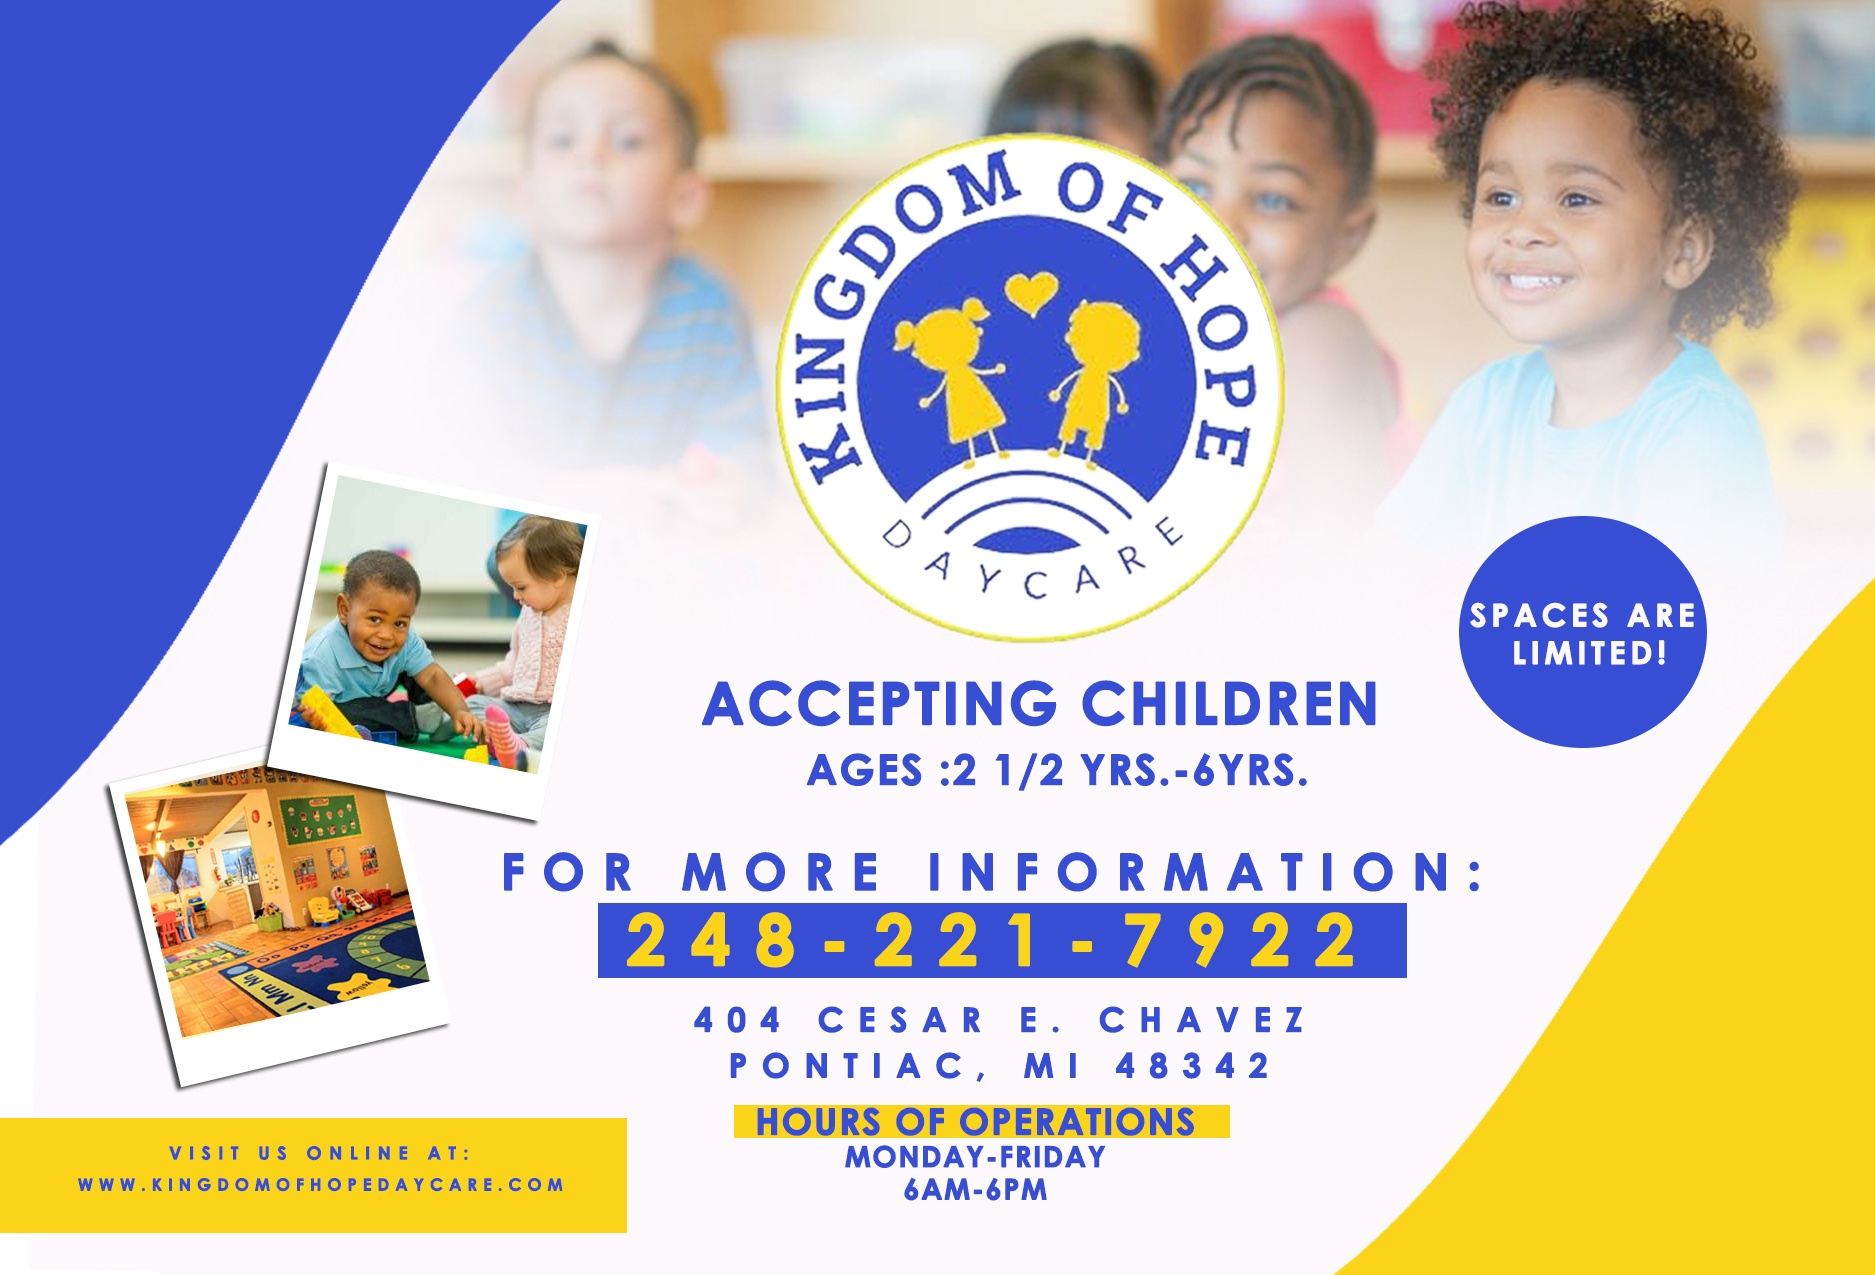 Kingdom of Hope Daycare Flyer 2